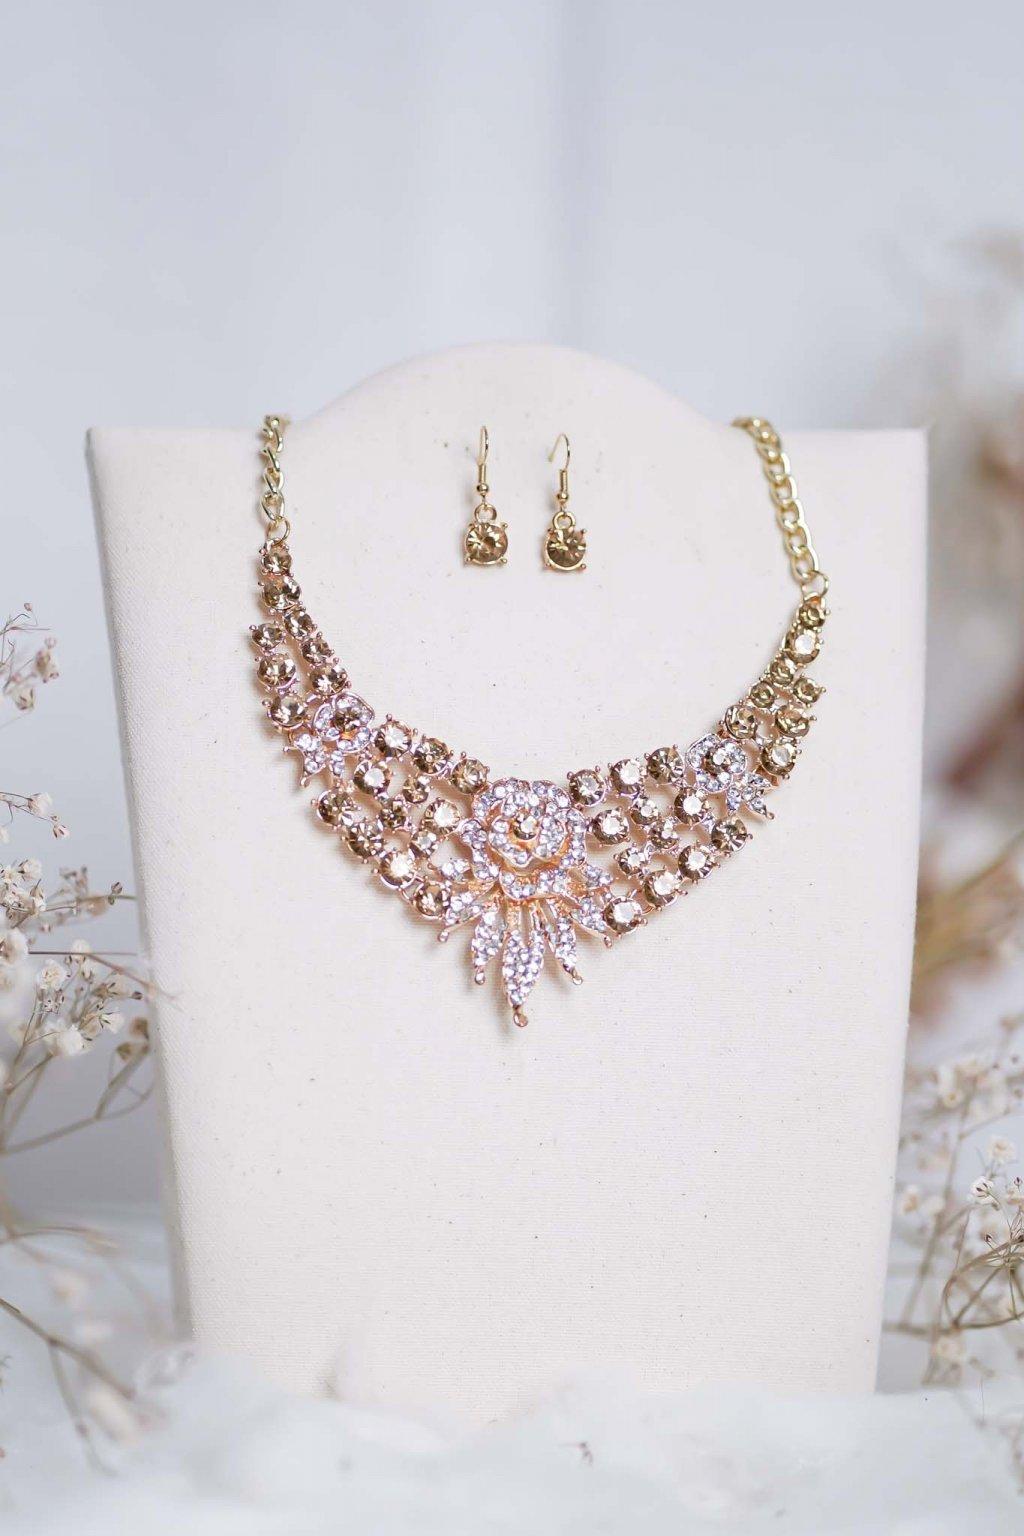 náhrdelník, spoločenský, bežný deň, kamienkový, farebný, čierny, strieborný, zelený, cyklamenévy, náhrdelník, bižuteria, šperk, šperky, ples, stužková, svadba, 090